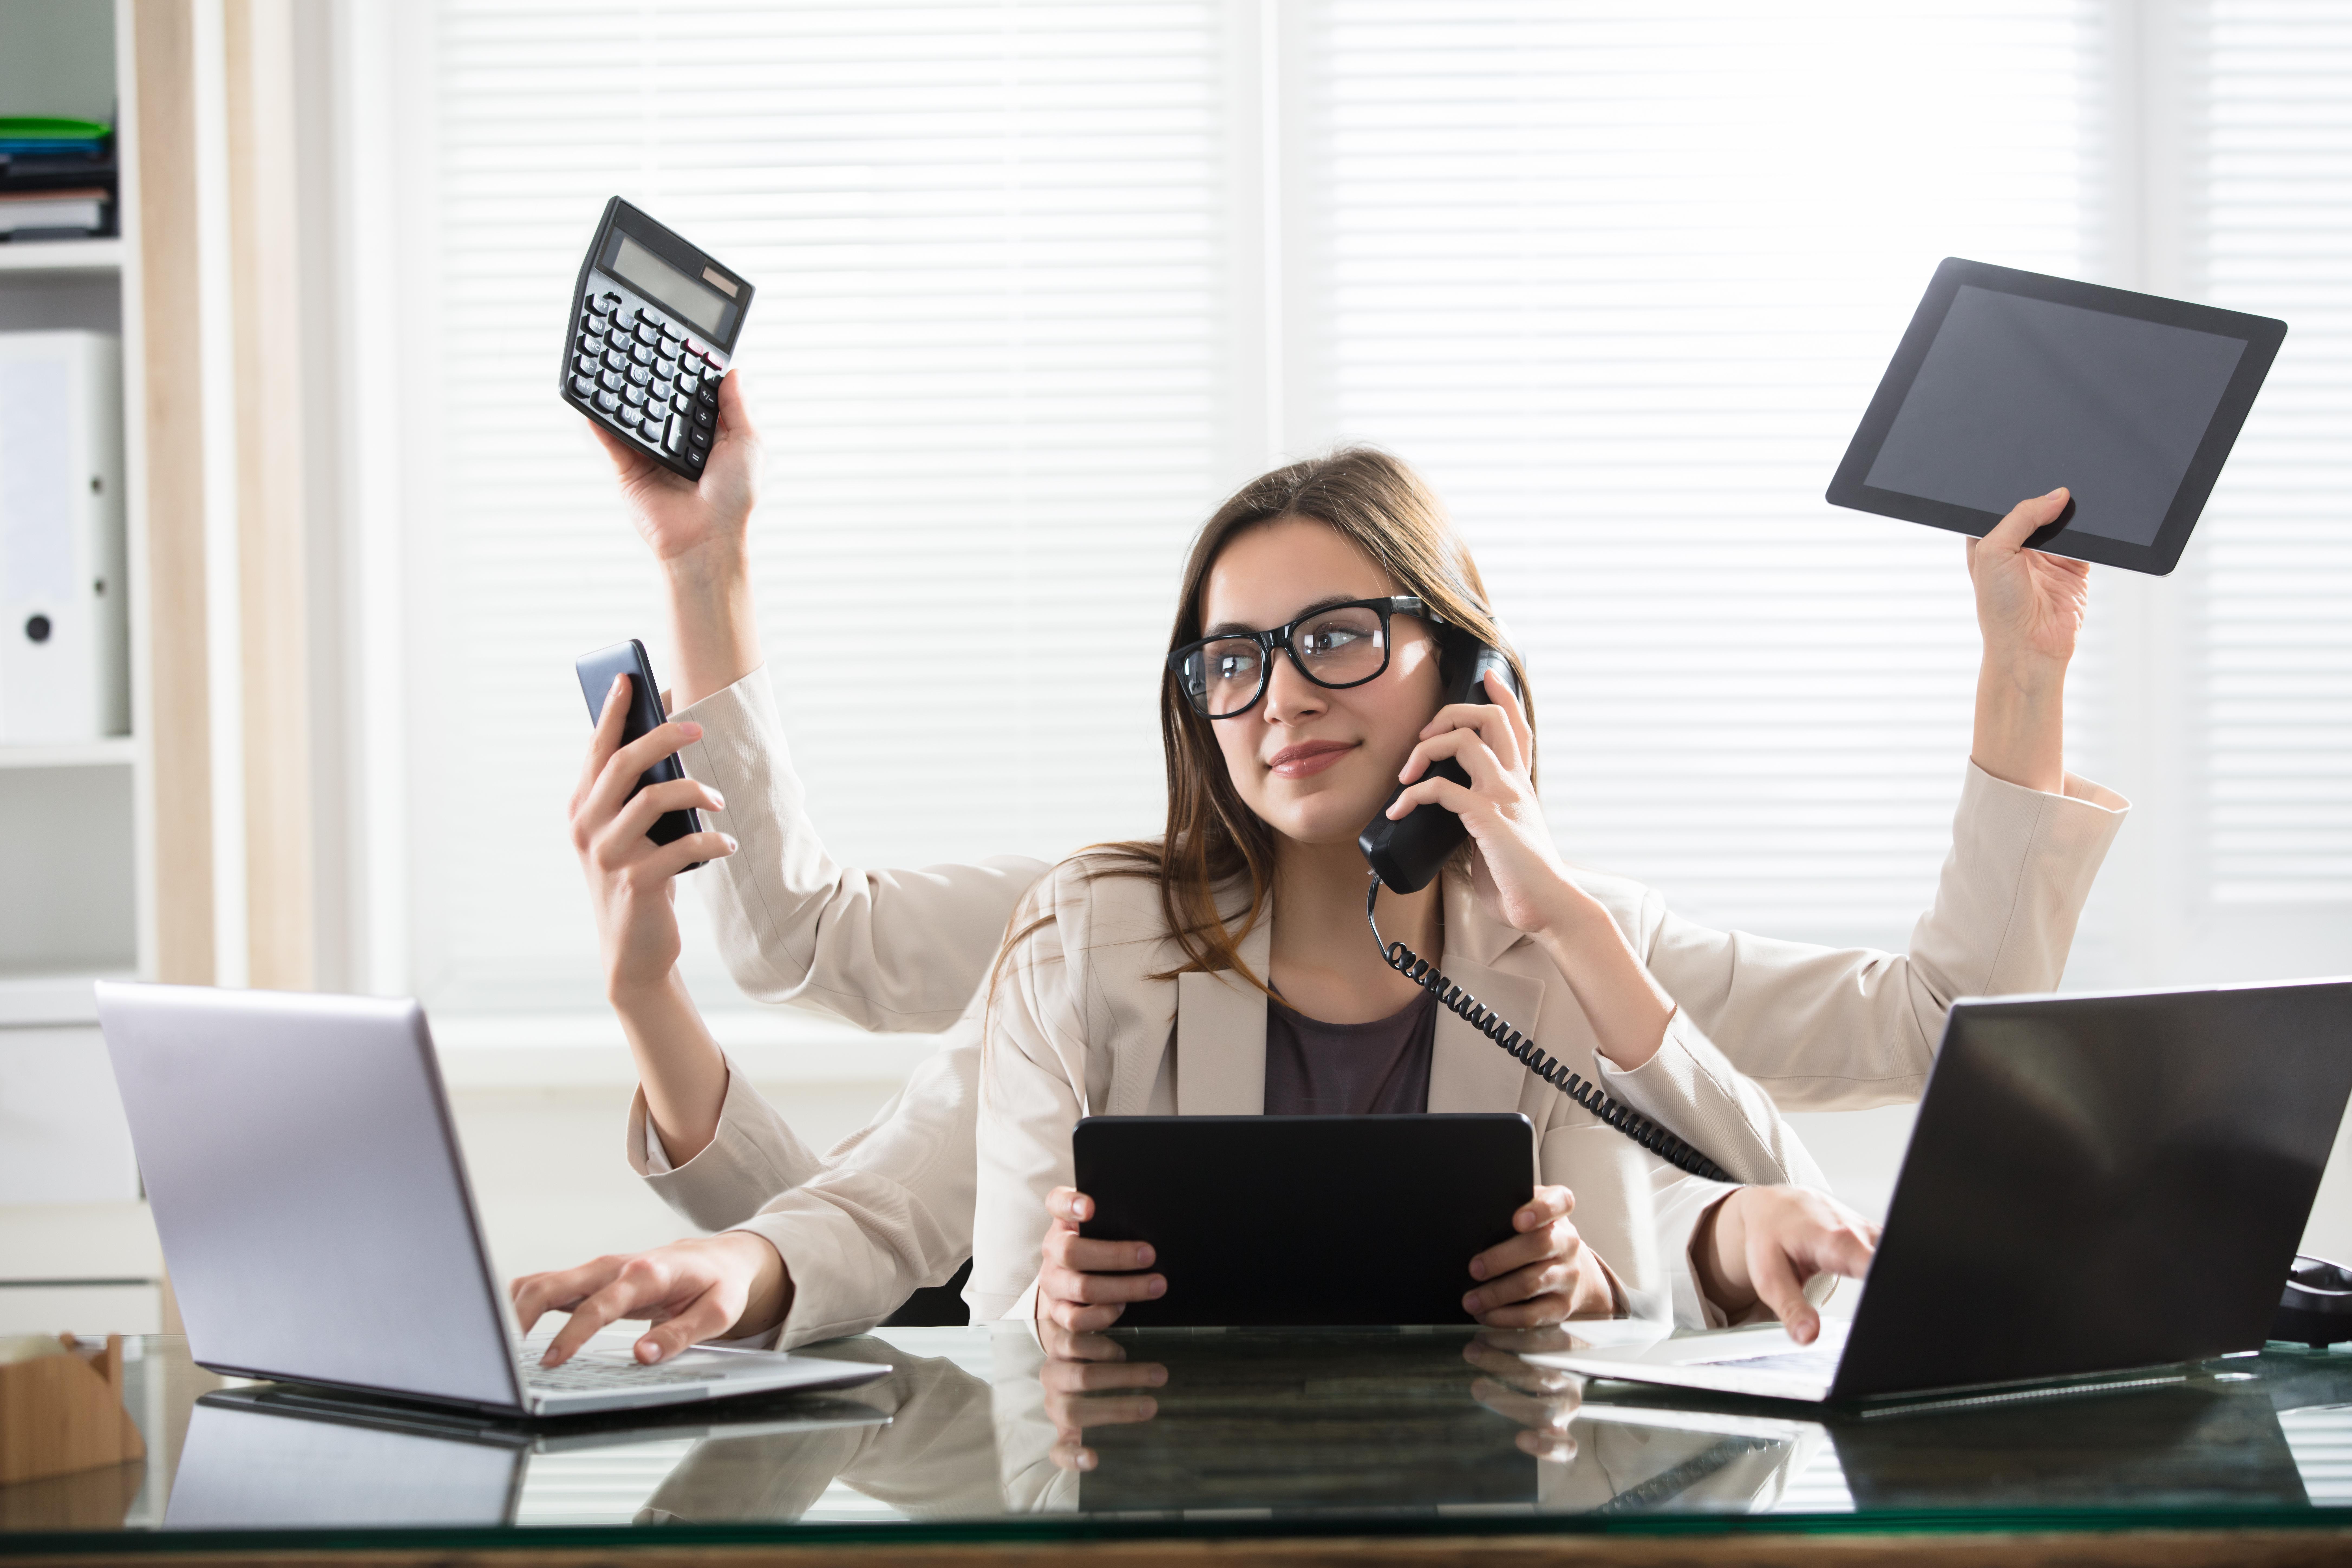 Administra mejor tu tiempo y mejora tu productividad